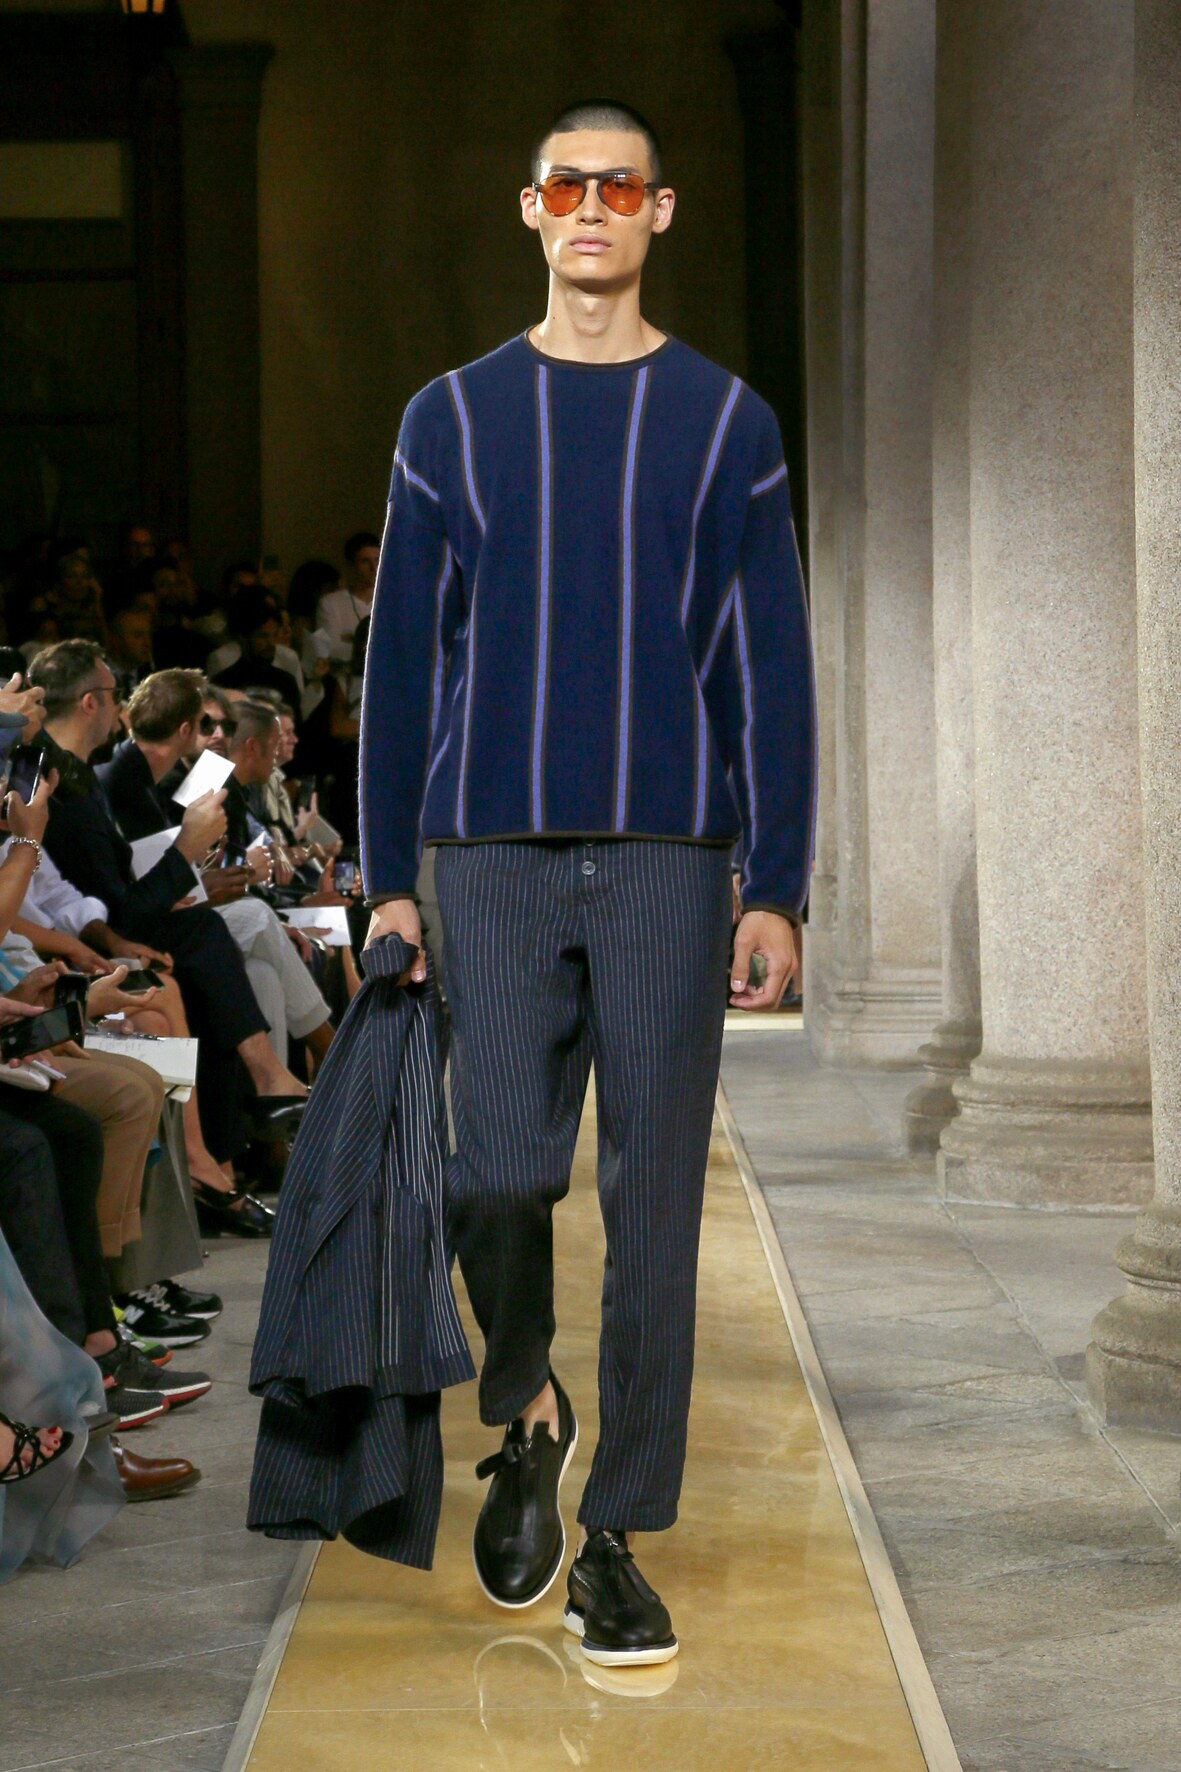 Spring Summer Fashion Trends 2020 Giorgio Armani